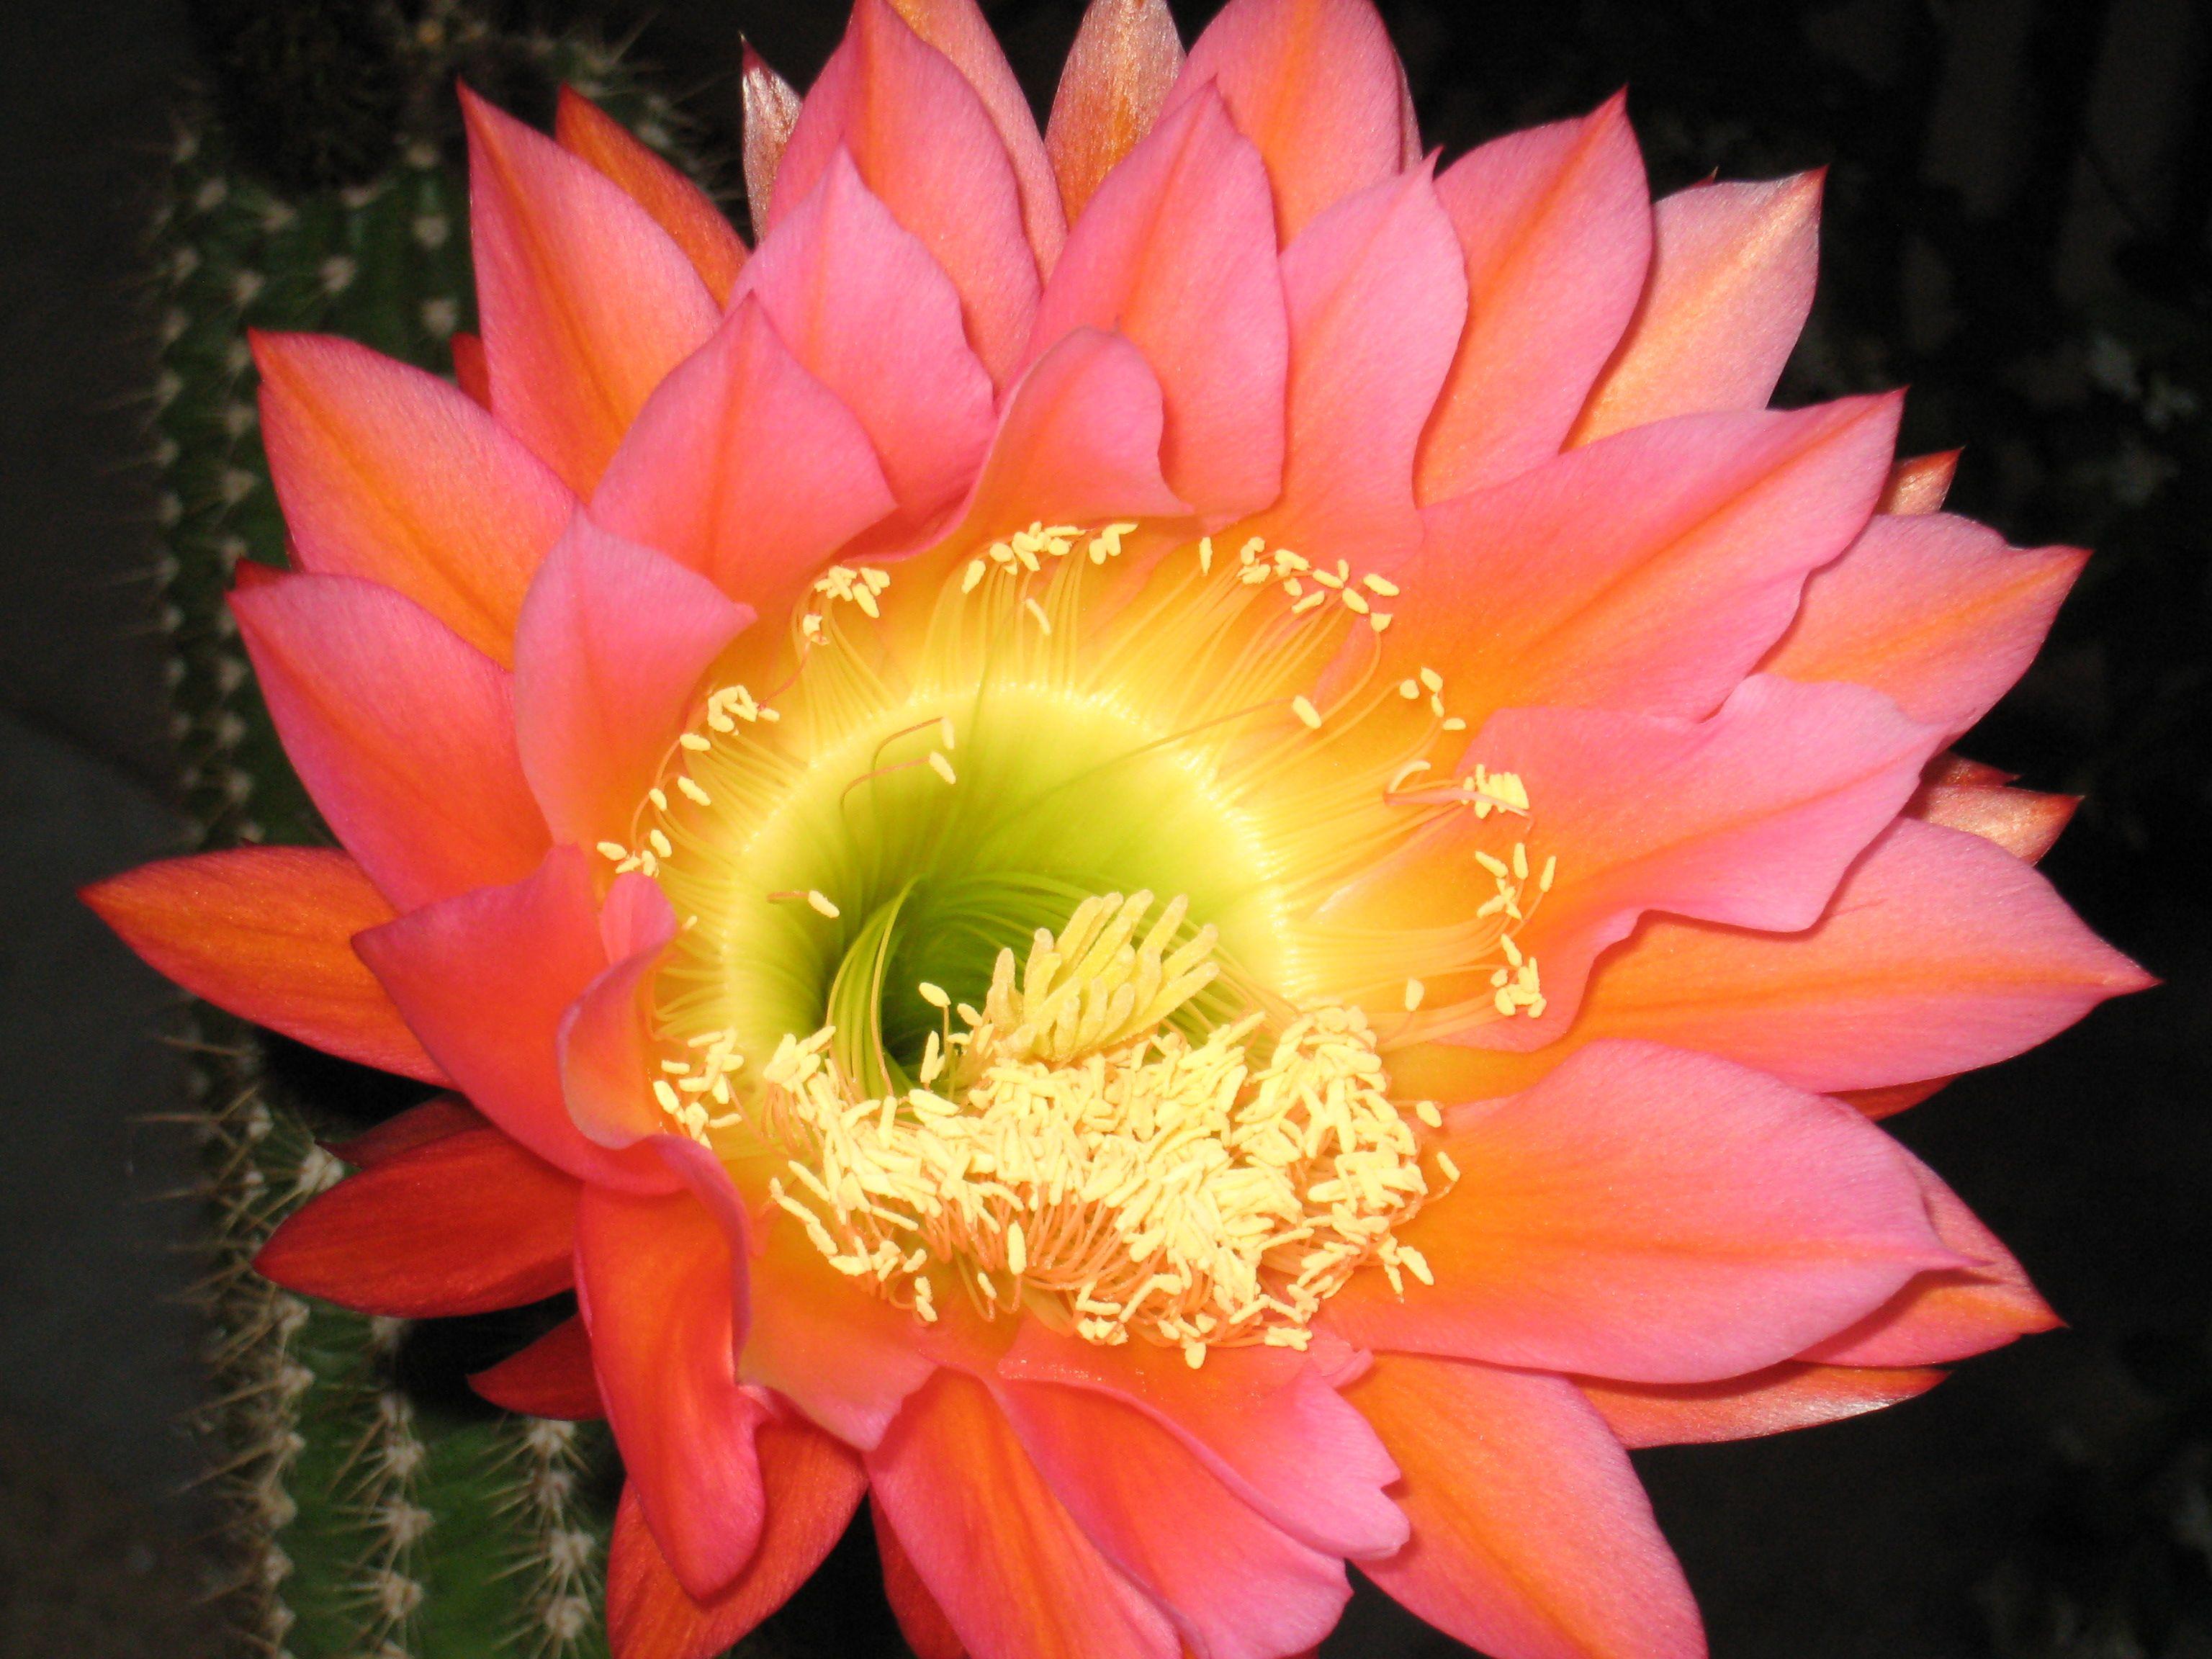 Our Cactus